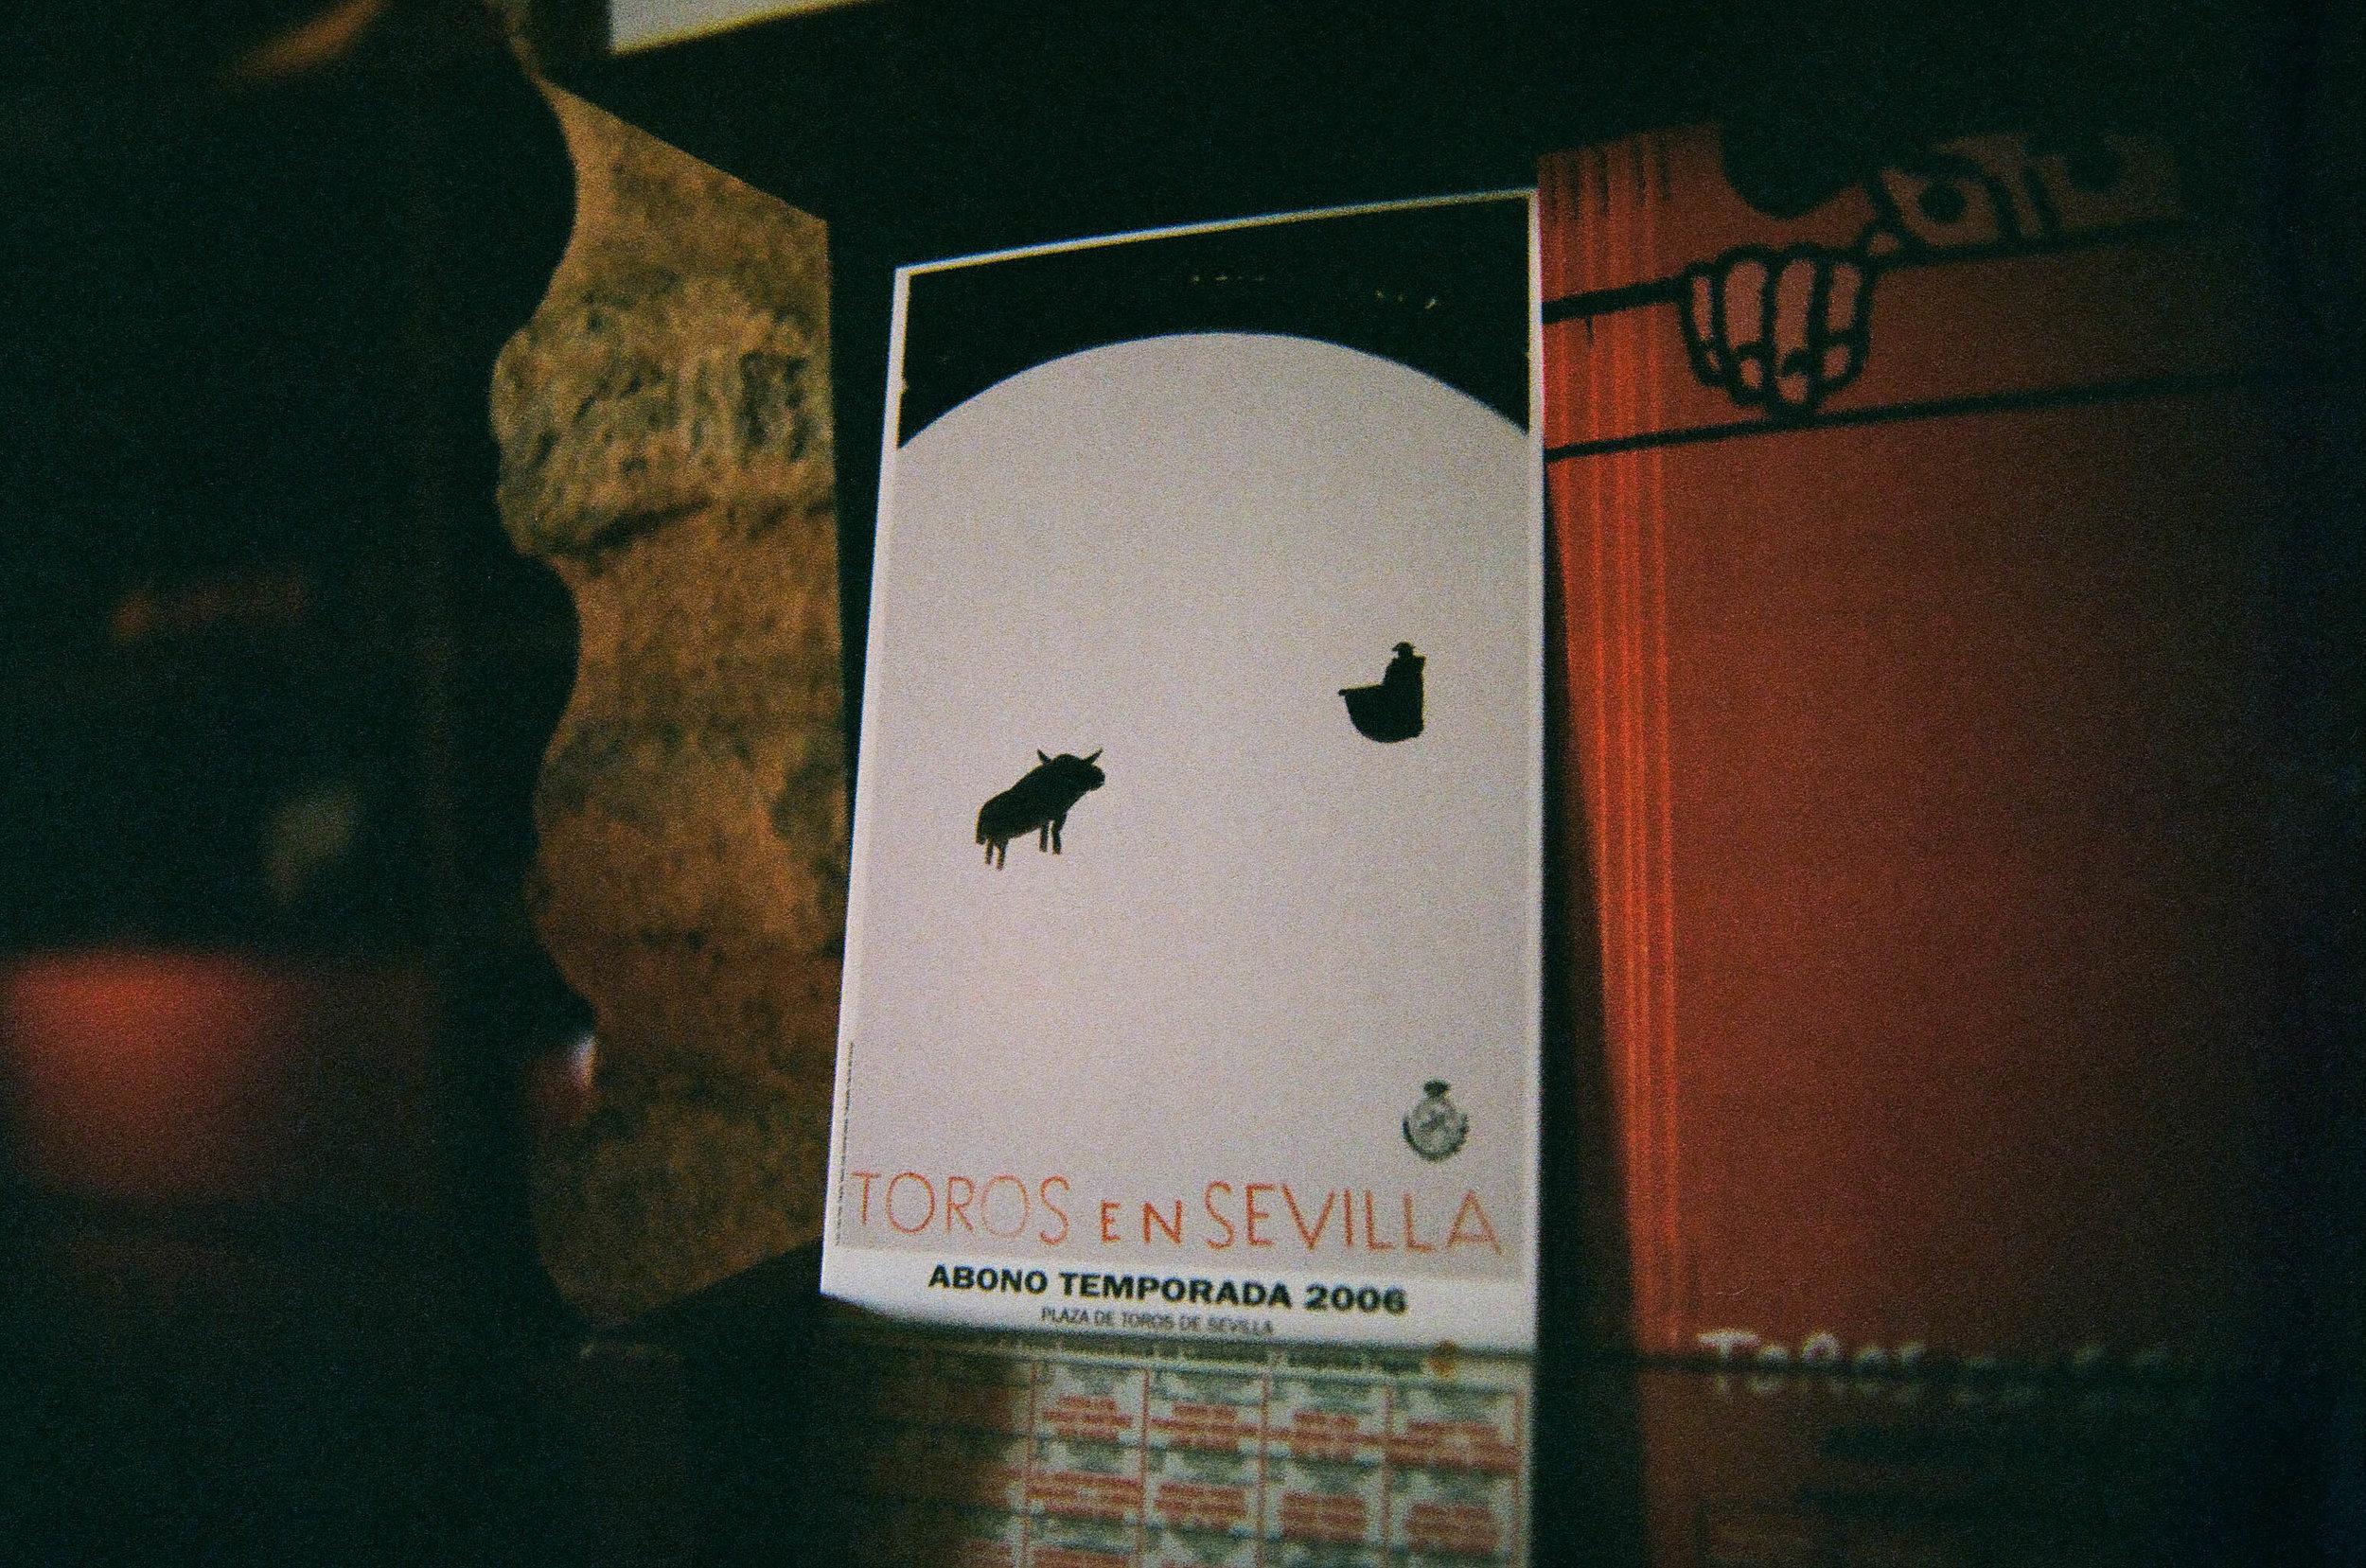 Seville_20.jpg